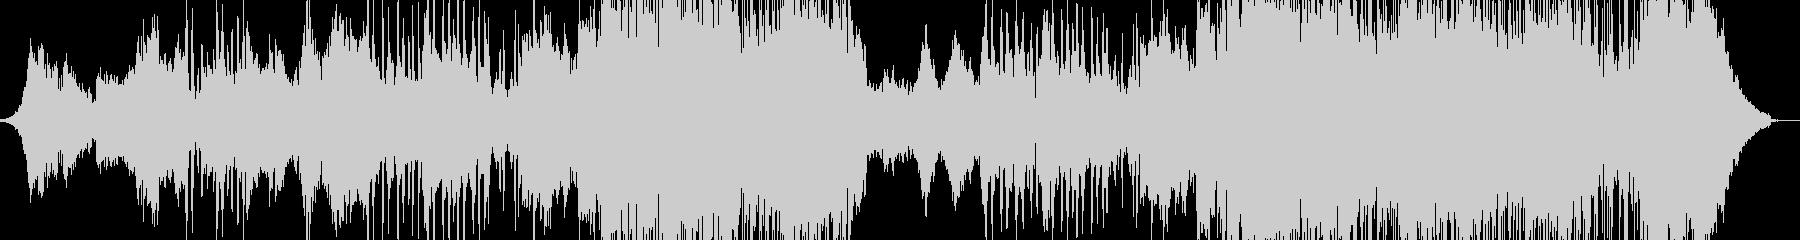 ユメカワゆるふわなクラシカルポップス Aの未再生の波形